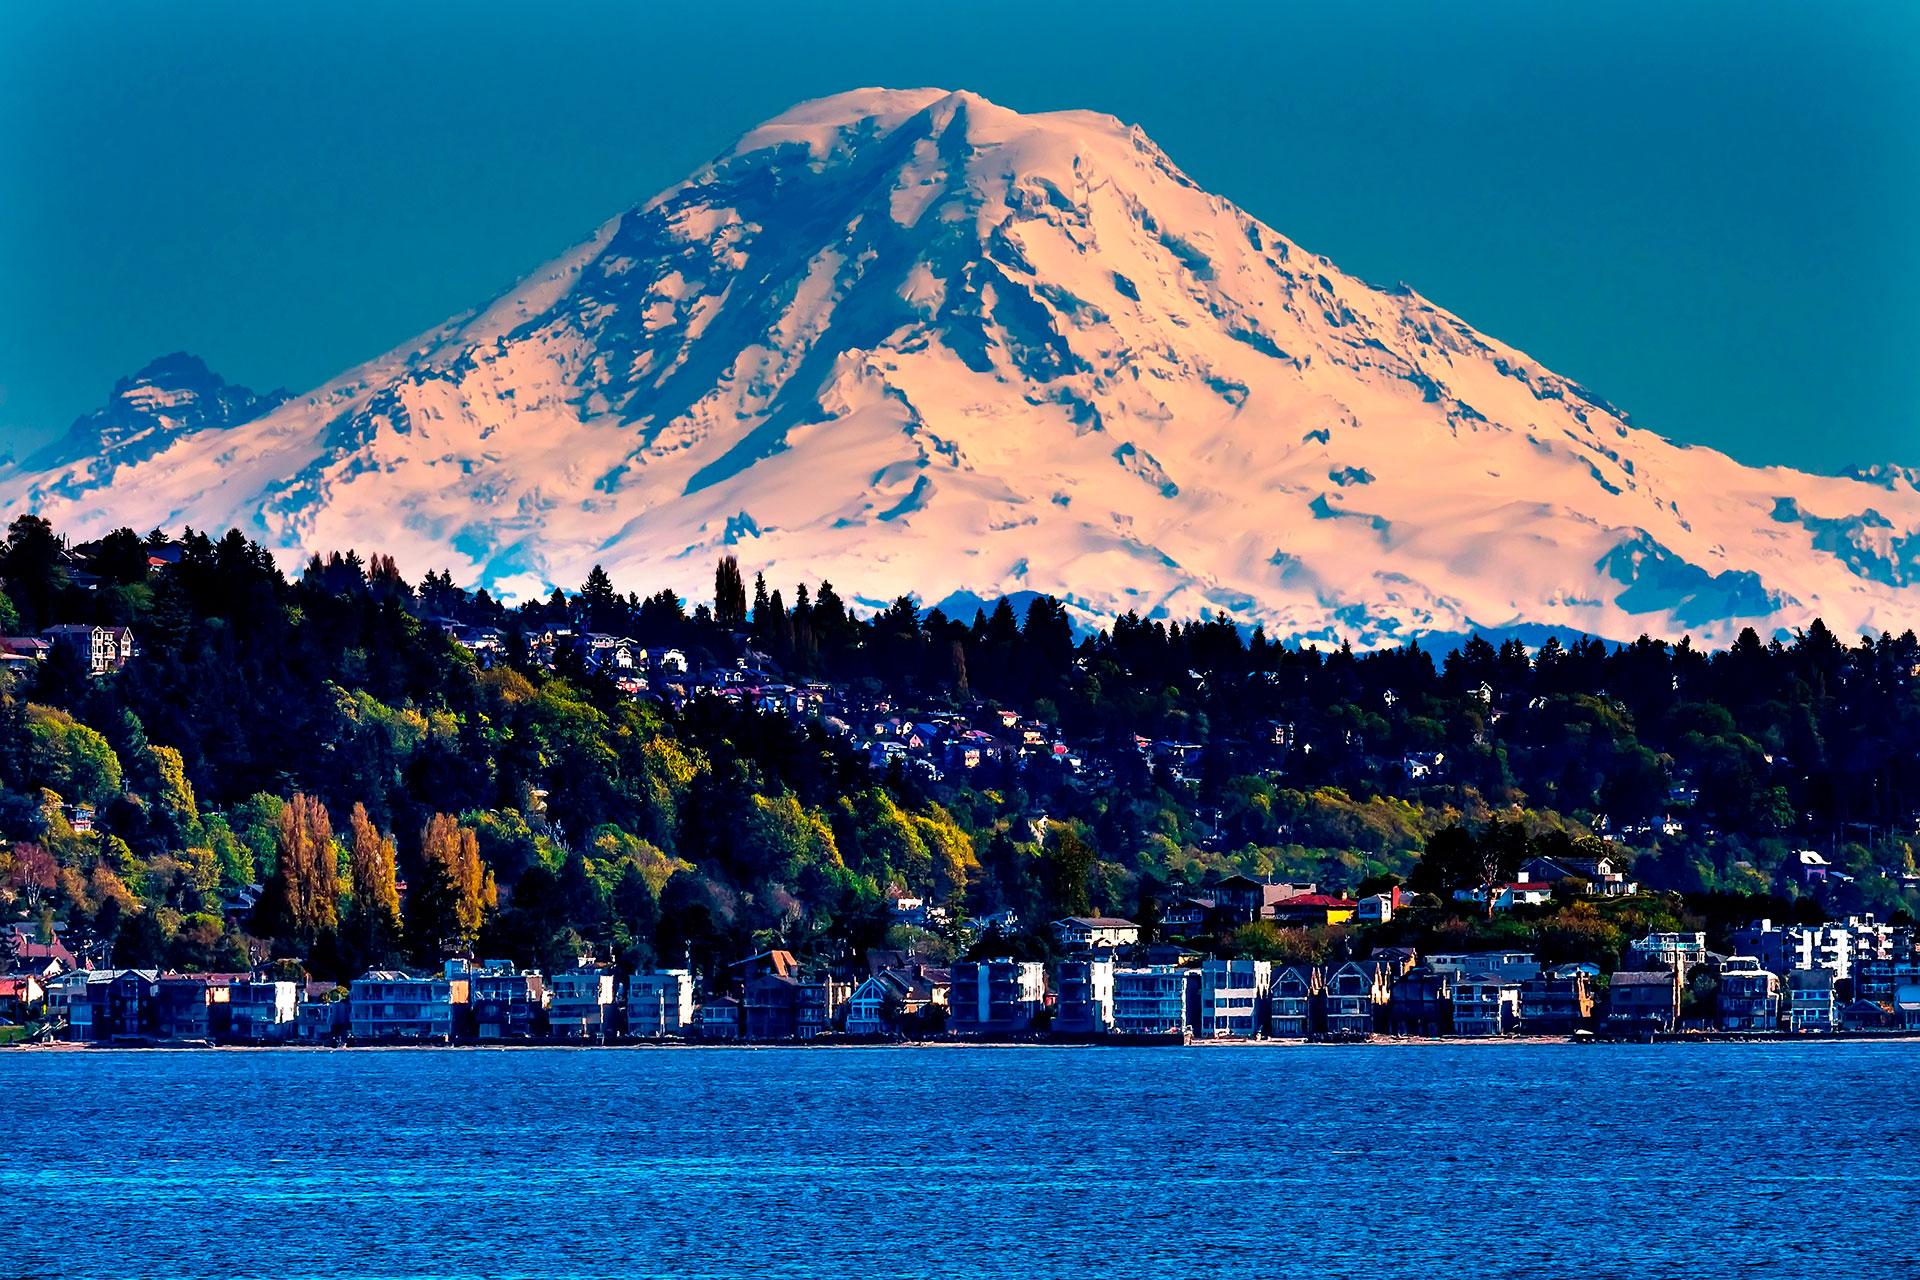 MONTE RAINIER - ESTADOS UNIDOS: Es un estratovolcán localizado en Pierce, condado ubicado al sureste de Seattle, Washington